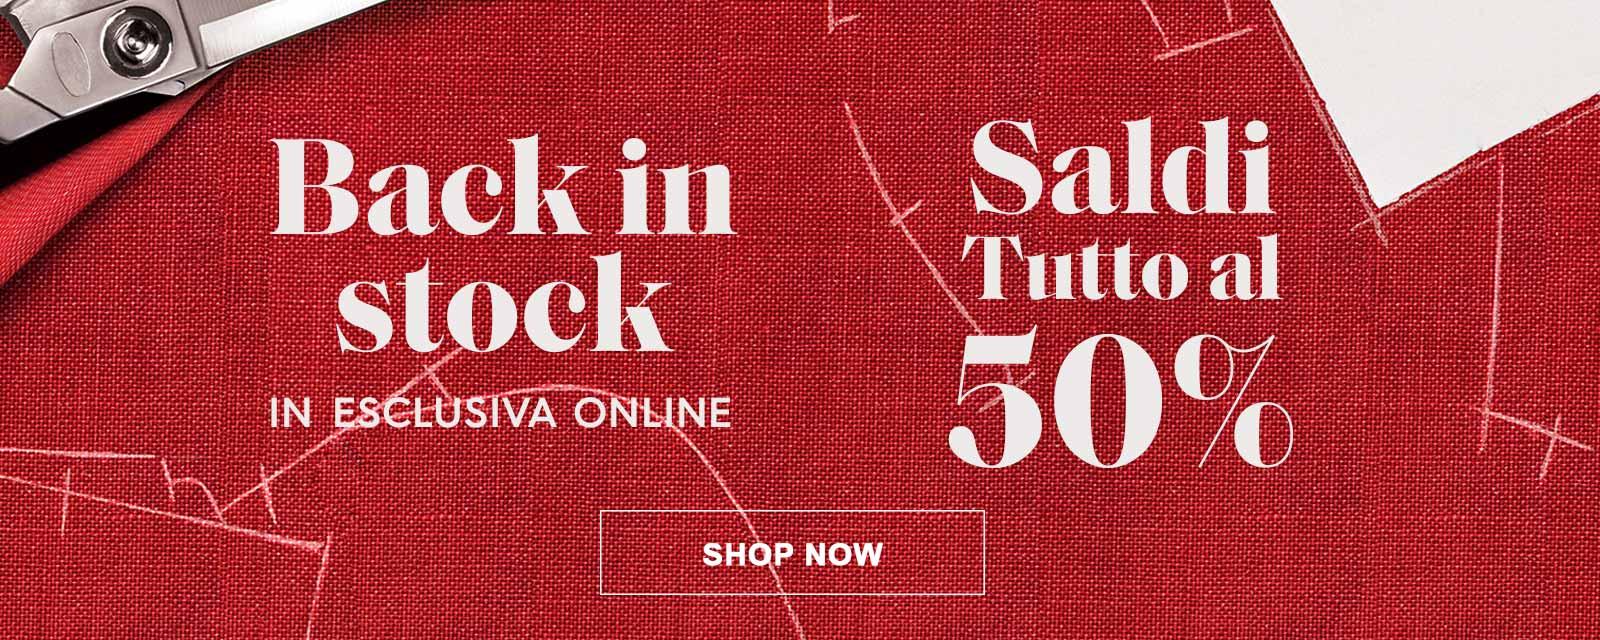 Saldi Tutto a -50% back in stock